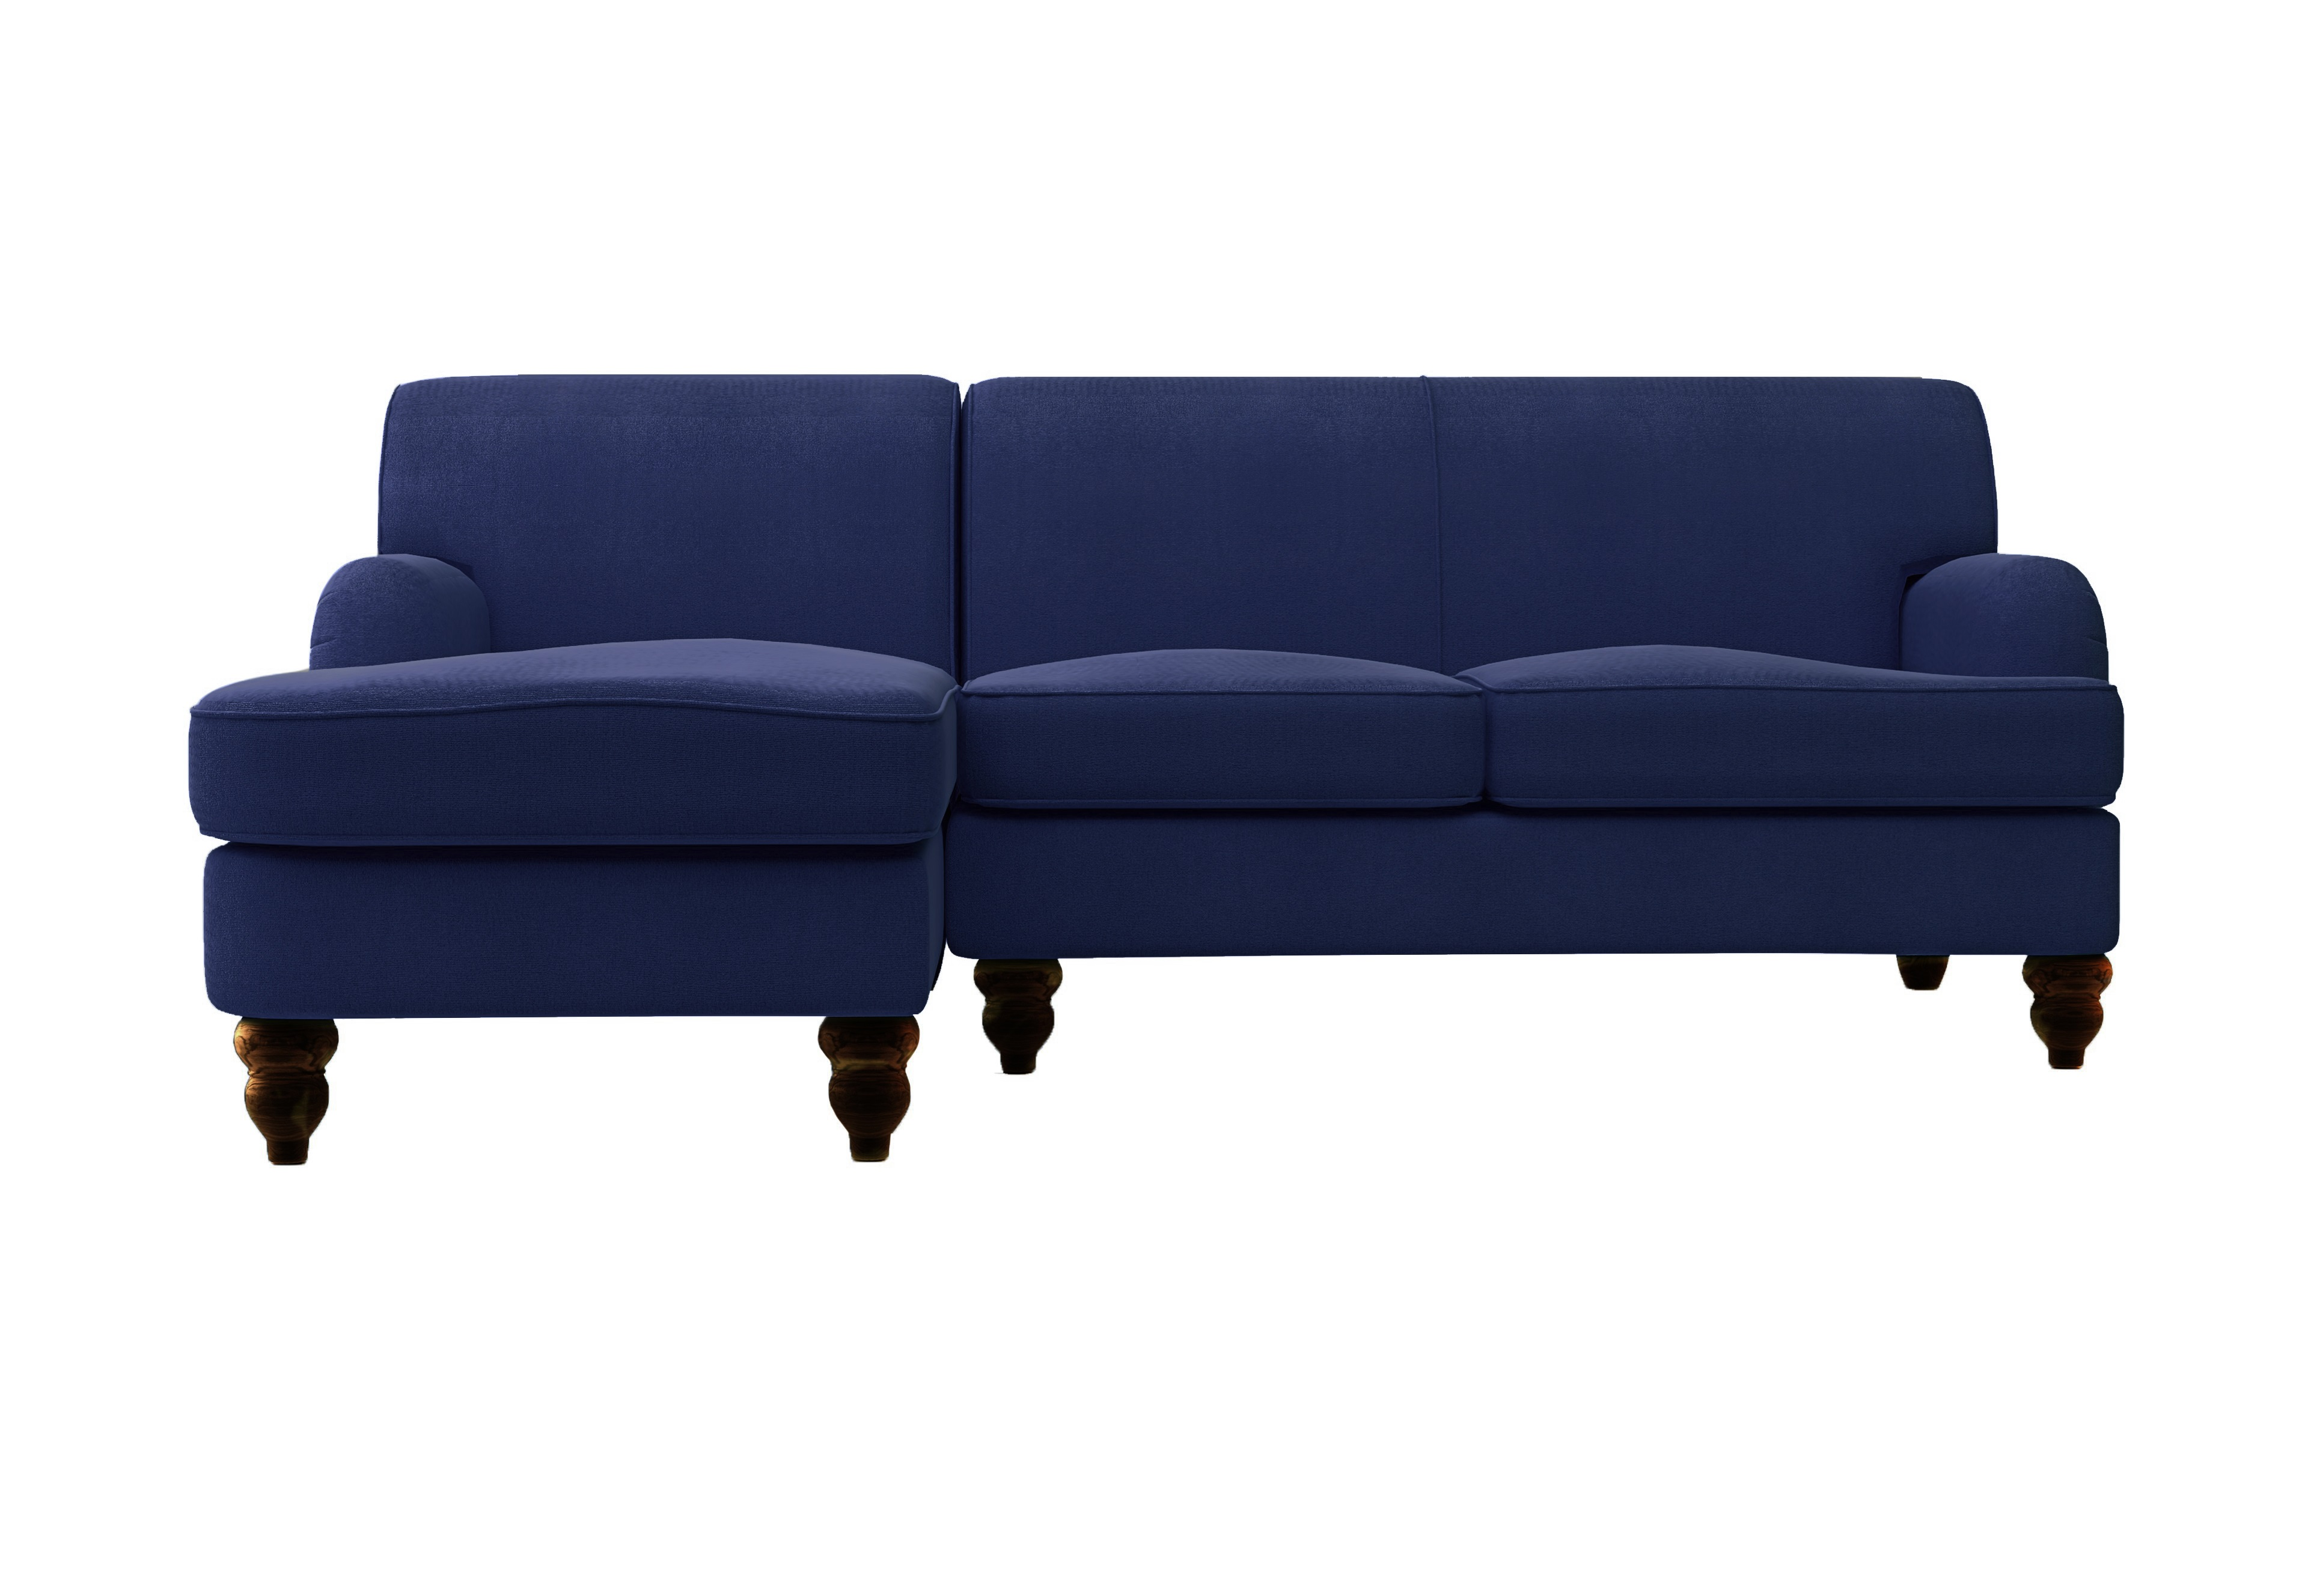 Угловой диван OneУгловые диваны<br>&amp;lt;div style=&amp;quot;font-size: 14px;&amp;quot;&amp;gt;Угловой диван MyFurnish One точно следует концепции всей серии: это компактный современный предмет мебели, подходящий к самым разным интерьерам. Габариты тут невероятно сжатые, меньше 240 см в ширину и чуть более 160 см от стены, к которой будет прислонена спинка. Все это обито прочной тканью и снабжено аккуратными ножками различной формы. Очень уместной угловая версия MyFurnish будет в небольших помещениях или как первый экземпляр дизайнерской мебели в доме.&amp;lt;/div&amp;gt;&amp;lt;div style=&amp;quot;font-size: 14px;&amp;quot;&amp;gt;&amp;lt;br&amp;gt;&amp;lt;/div&amp;gt;&amp;lt;div style=&amp;quot;font-size: 14px;&amp;quot;&amp;gt;Каркас и ножки: массив сосны и березы, фанера.&amp;lt;/div&amp;gt;&amp;lt;div style=&amp;quot;font-size: 14px;&amp;quot;&amp;gt;Сиденье и спинка: пружины Nosag, ремни, высокоэластичный ППУ.&amp;lt;/div&amp;gt;&amp;lt;div style=&amp;quot;font-size: 14px;&amp;quot;&amp;gt;The Furnish предоставляет покупателю гарантию качества, действующую в течение 12 календарных месяцев со дня получения.&amp;lt;/div&amp;gt;&amp;lt;div&amp;gt;&amp;lt;br&amp;gt;&amp;lt;/div&amp;gt;<br><br>Material: Текстиль<br>Ширина см: 232<br>Высота см: 89<br>Глубина см: 165